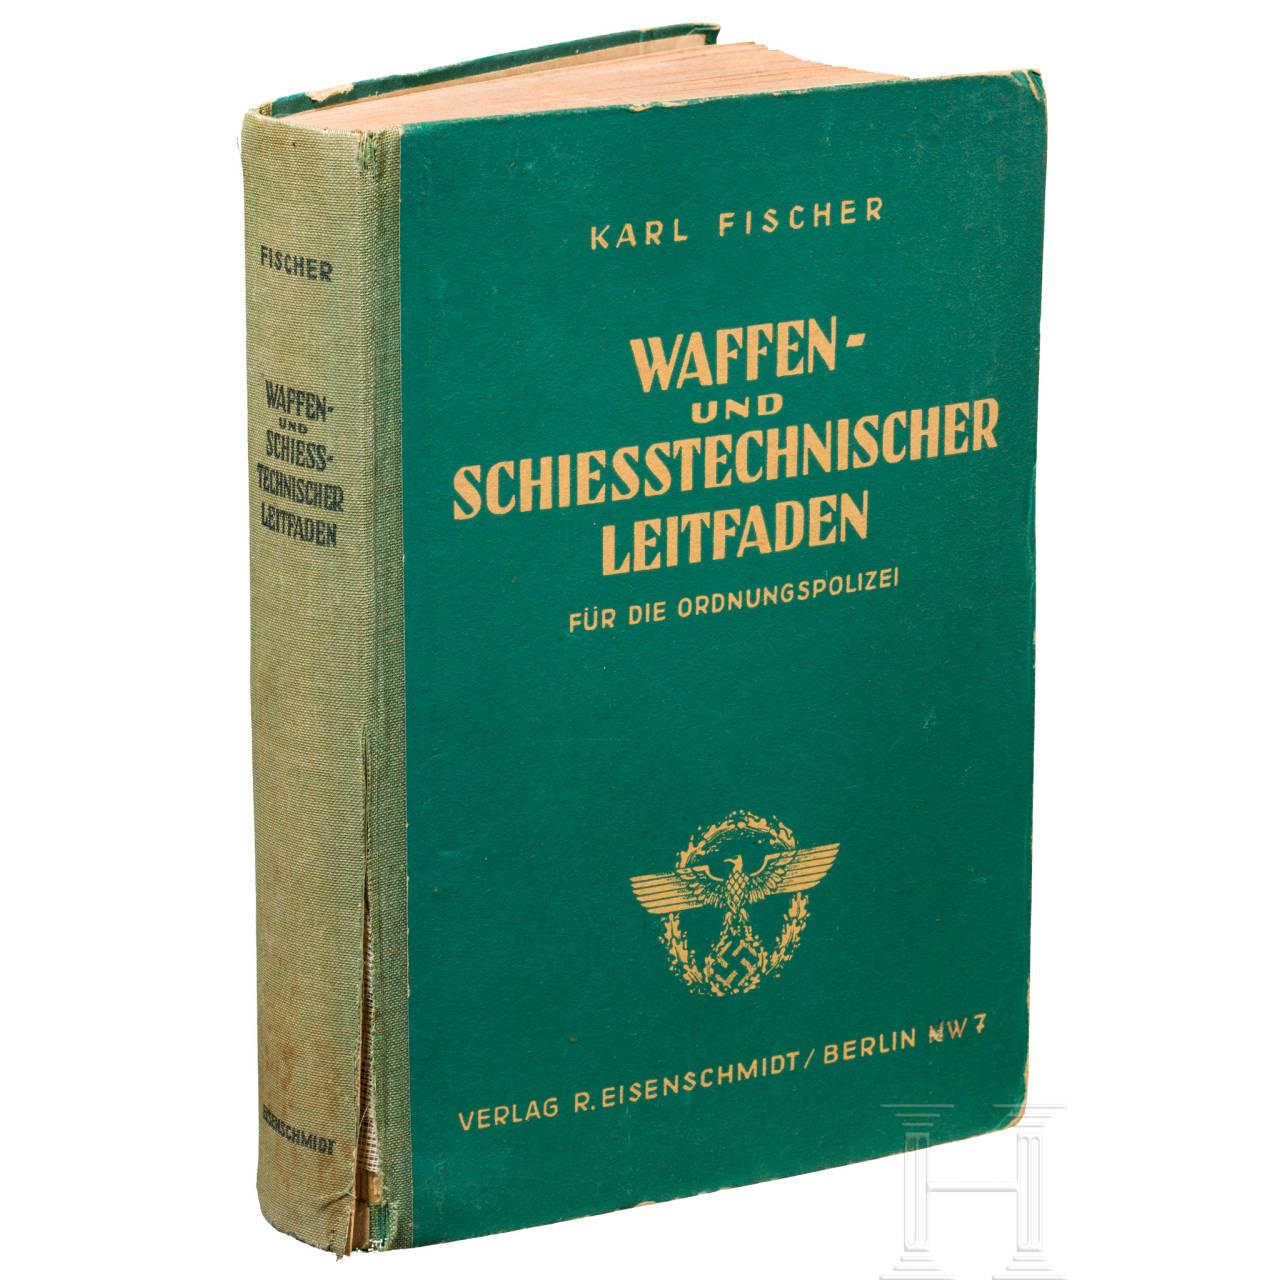 Waffen- und Schießtechnischer Leitfaden für die Ordnungspolizei, Ausgabe 1943